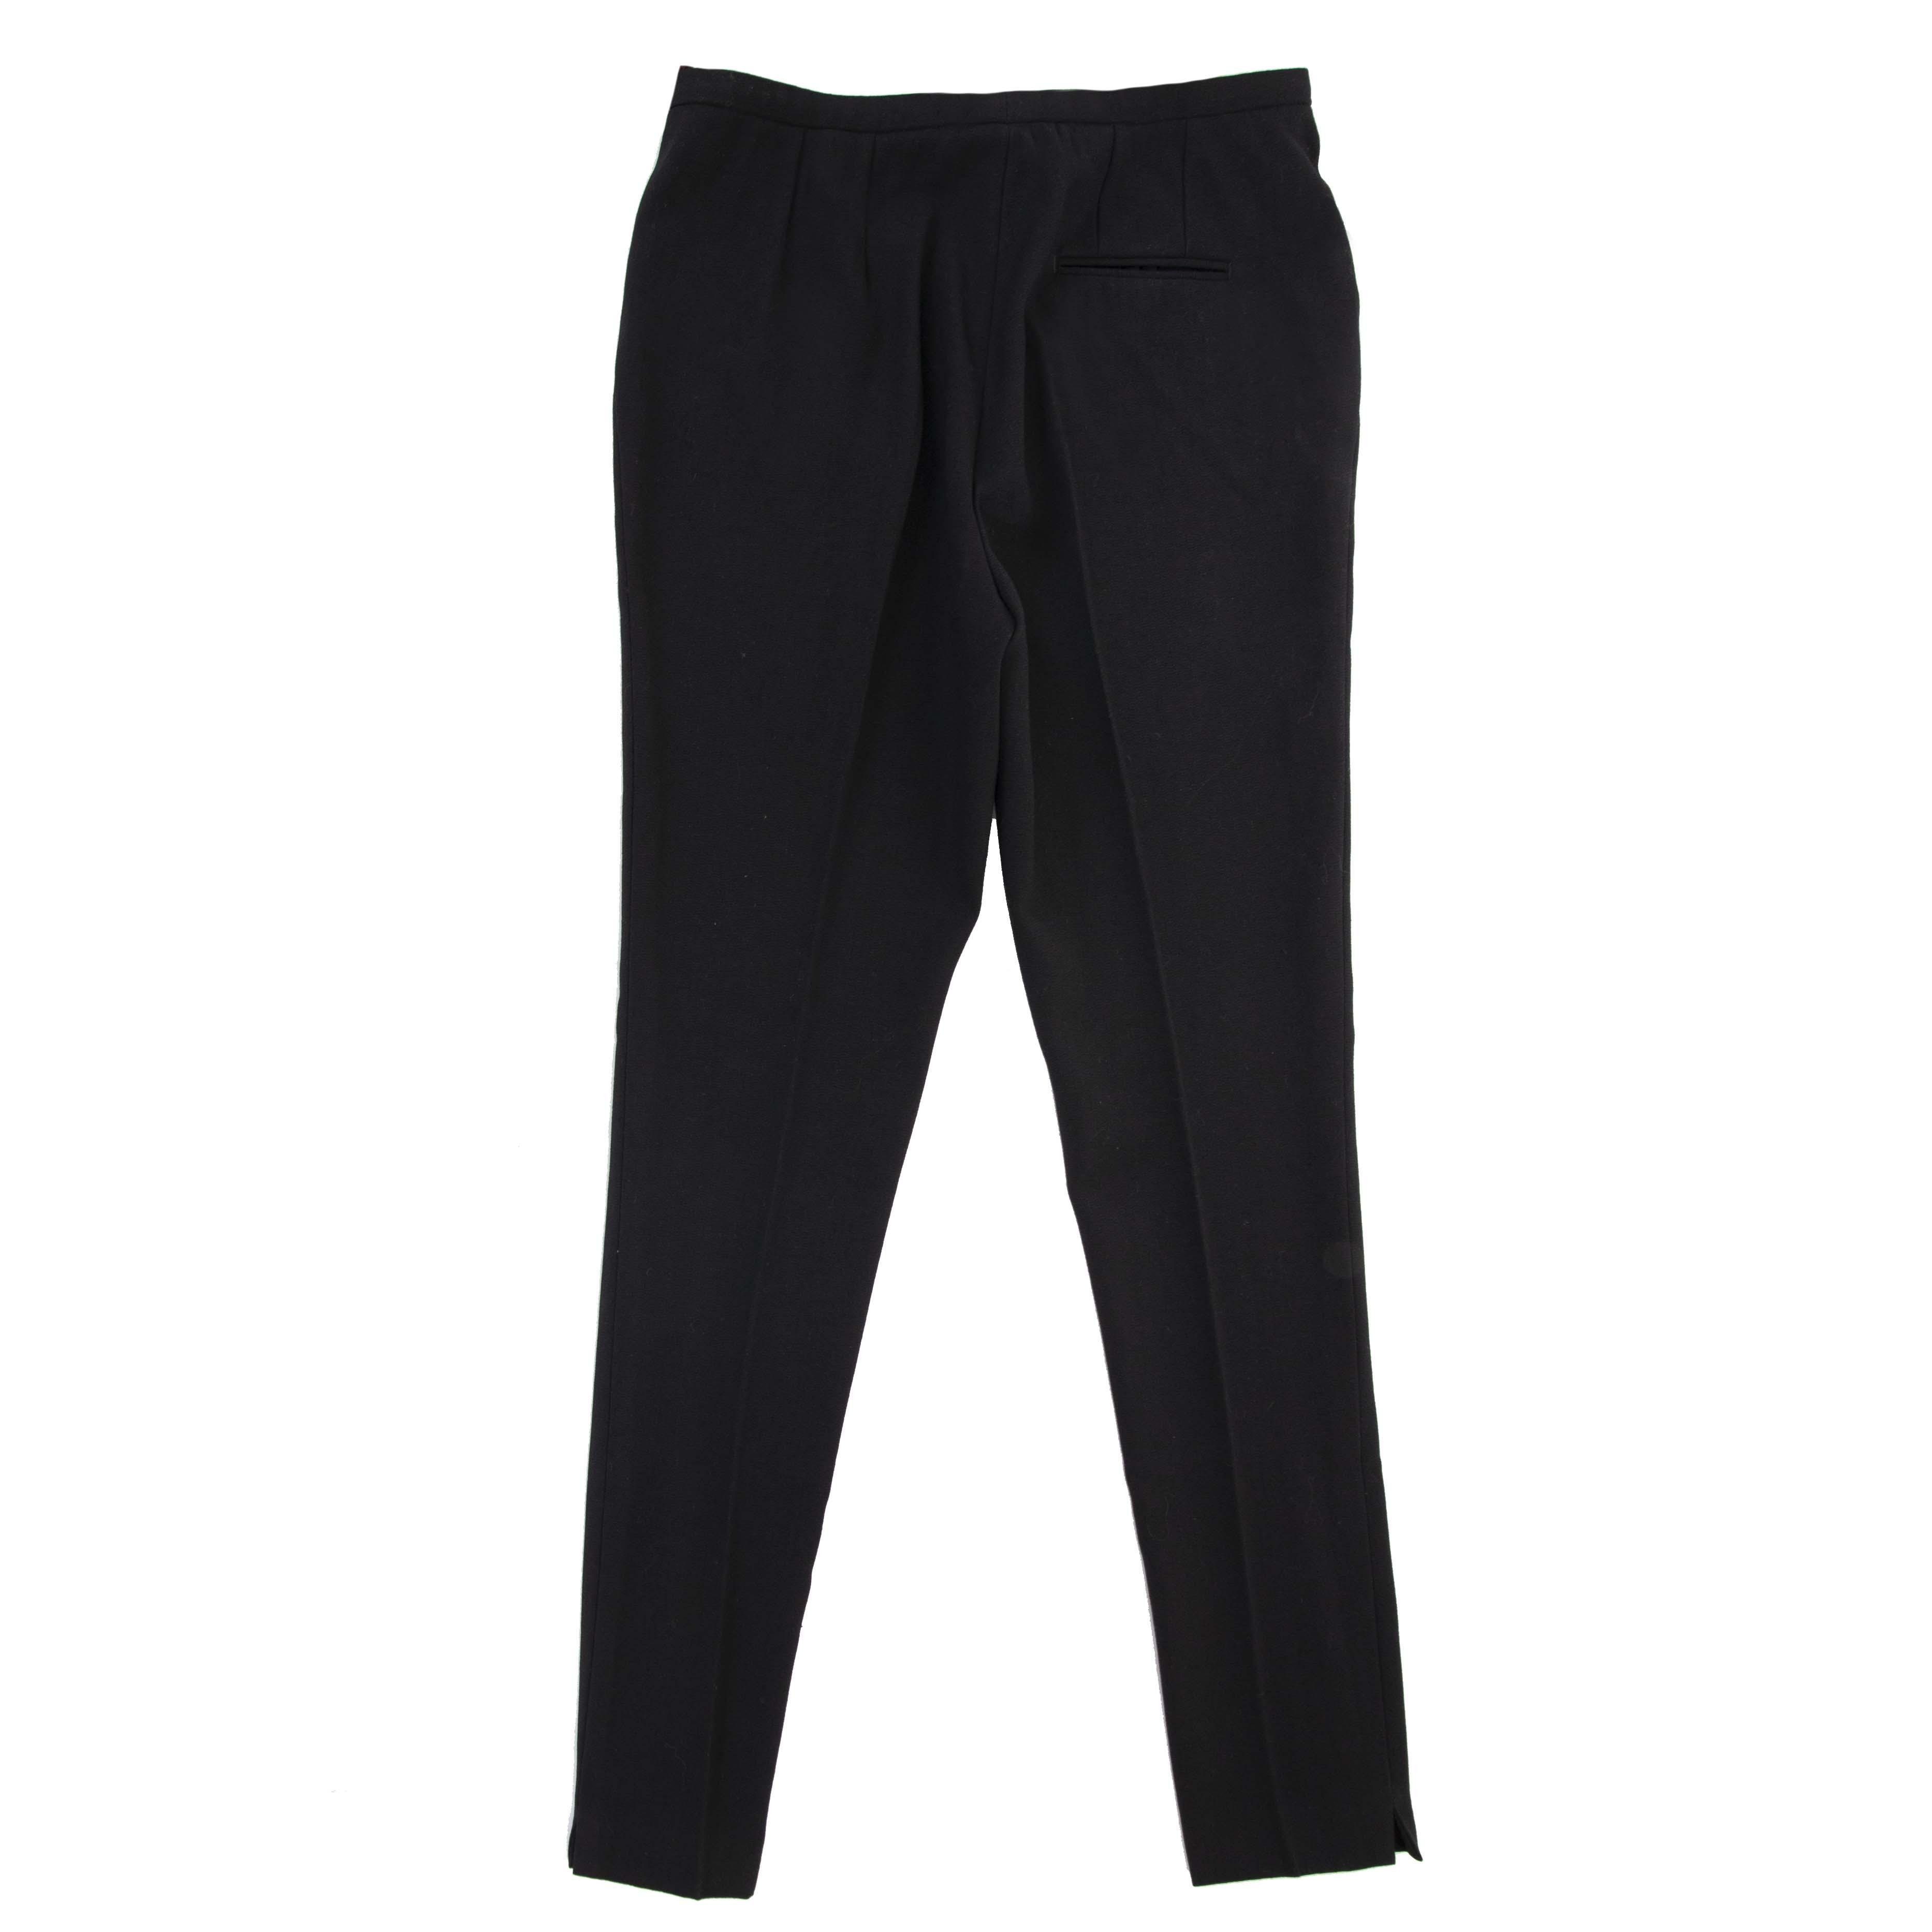 hermès noir pantalon en laine à vendre à labellov vintage webshop de mode belgique